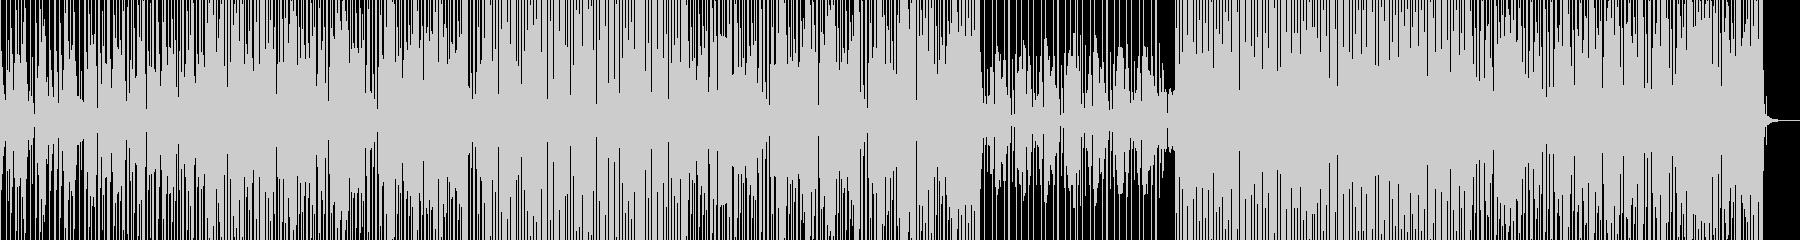 ファンク/ギター/ウッドパーカスEDMの未再生の波形